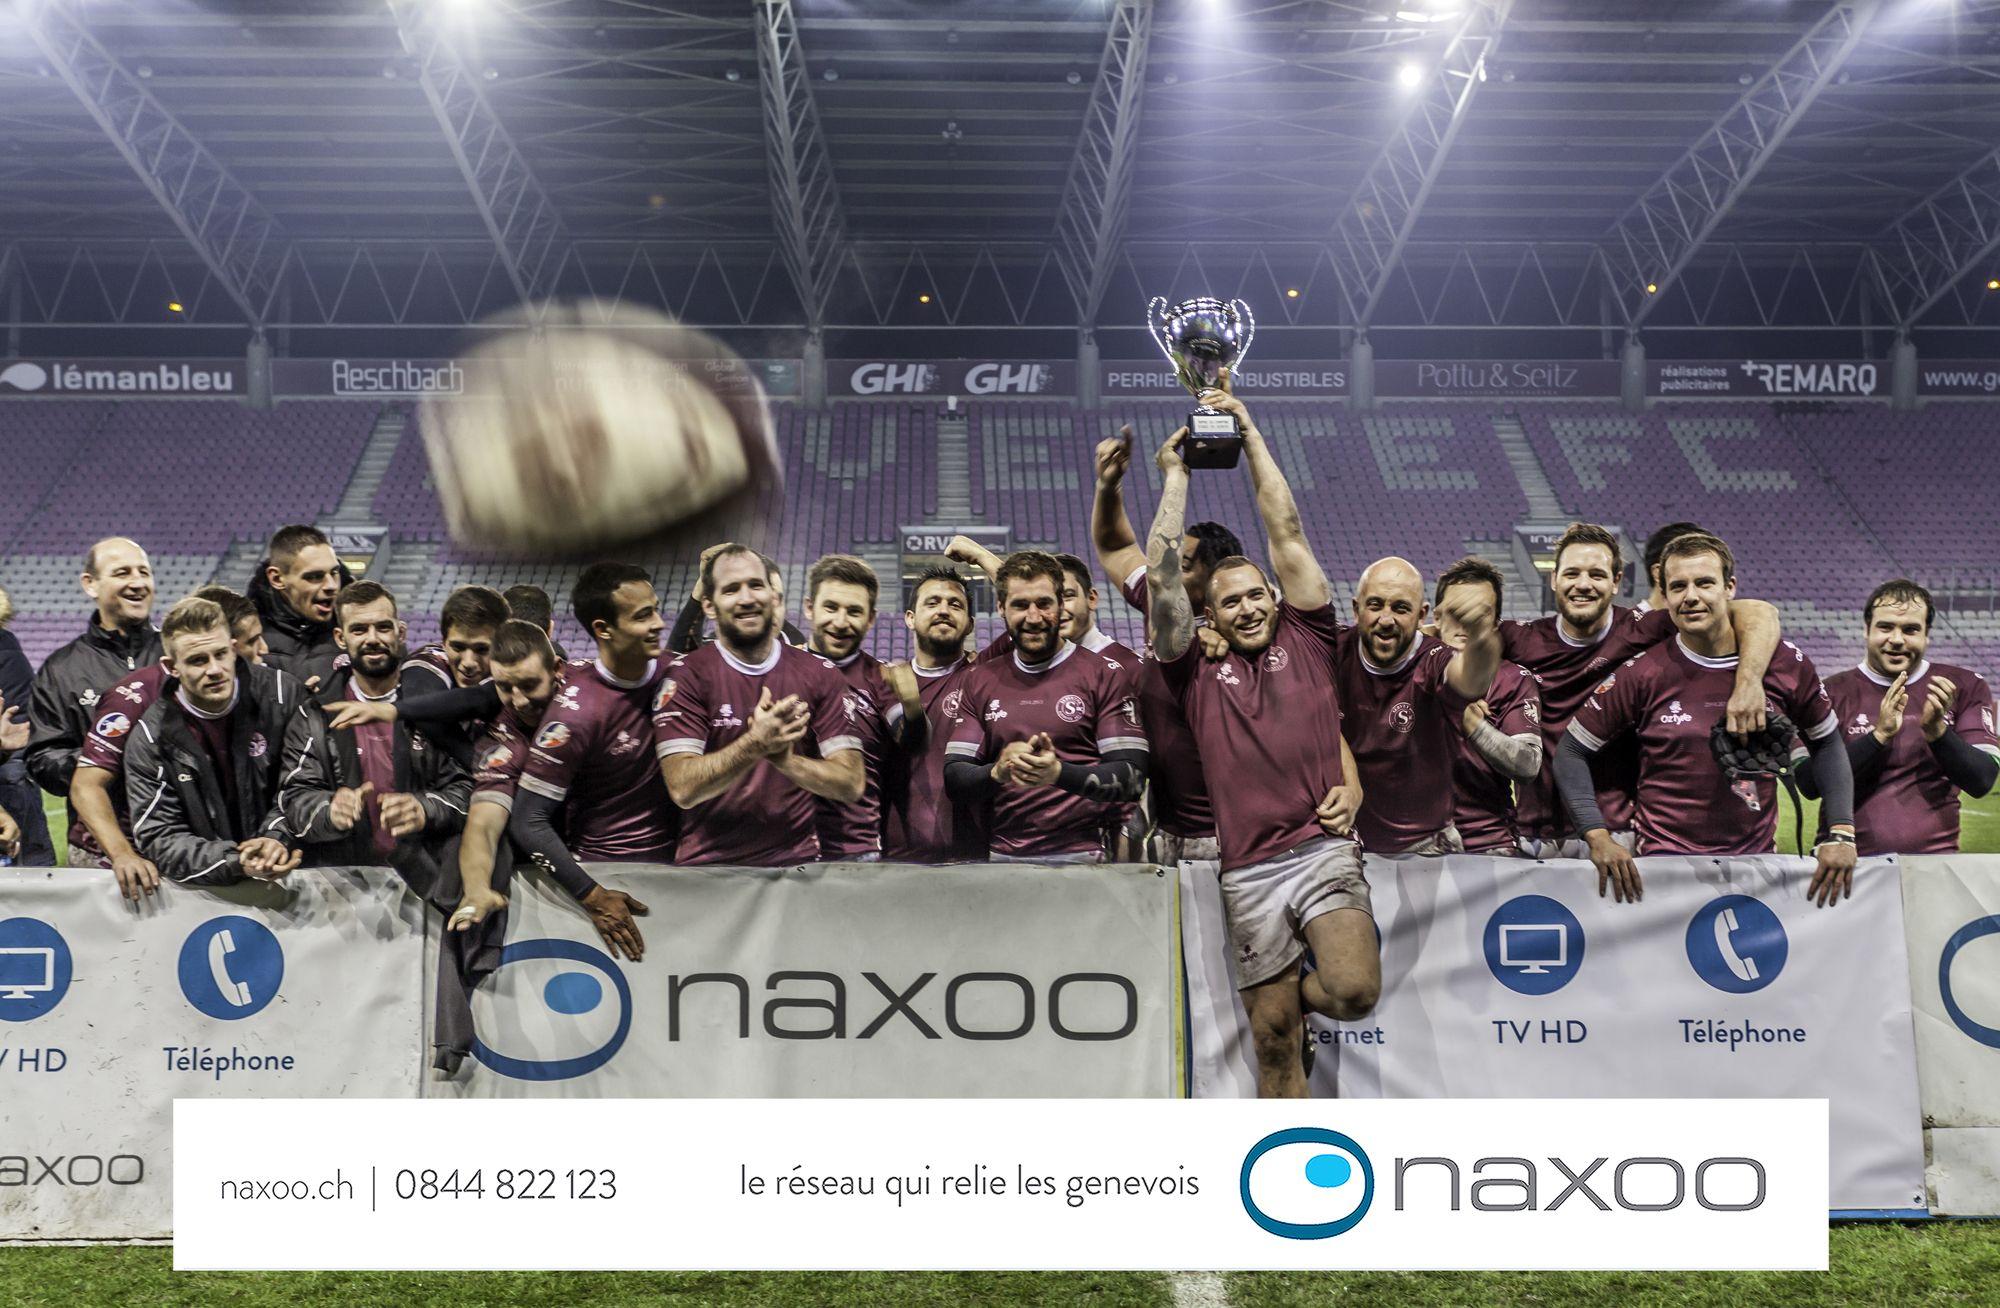 Le trophée des champions naxoo s'est terminé par une victoire du RC Servette. Un article sur le déroulement de cet évent sensationnel !